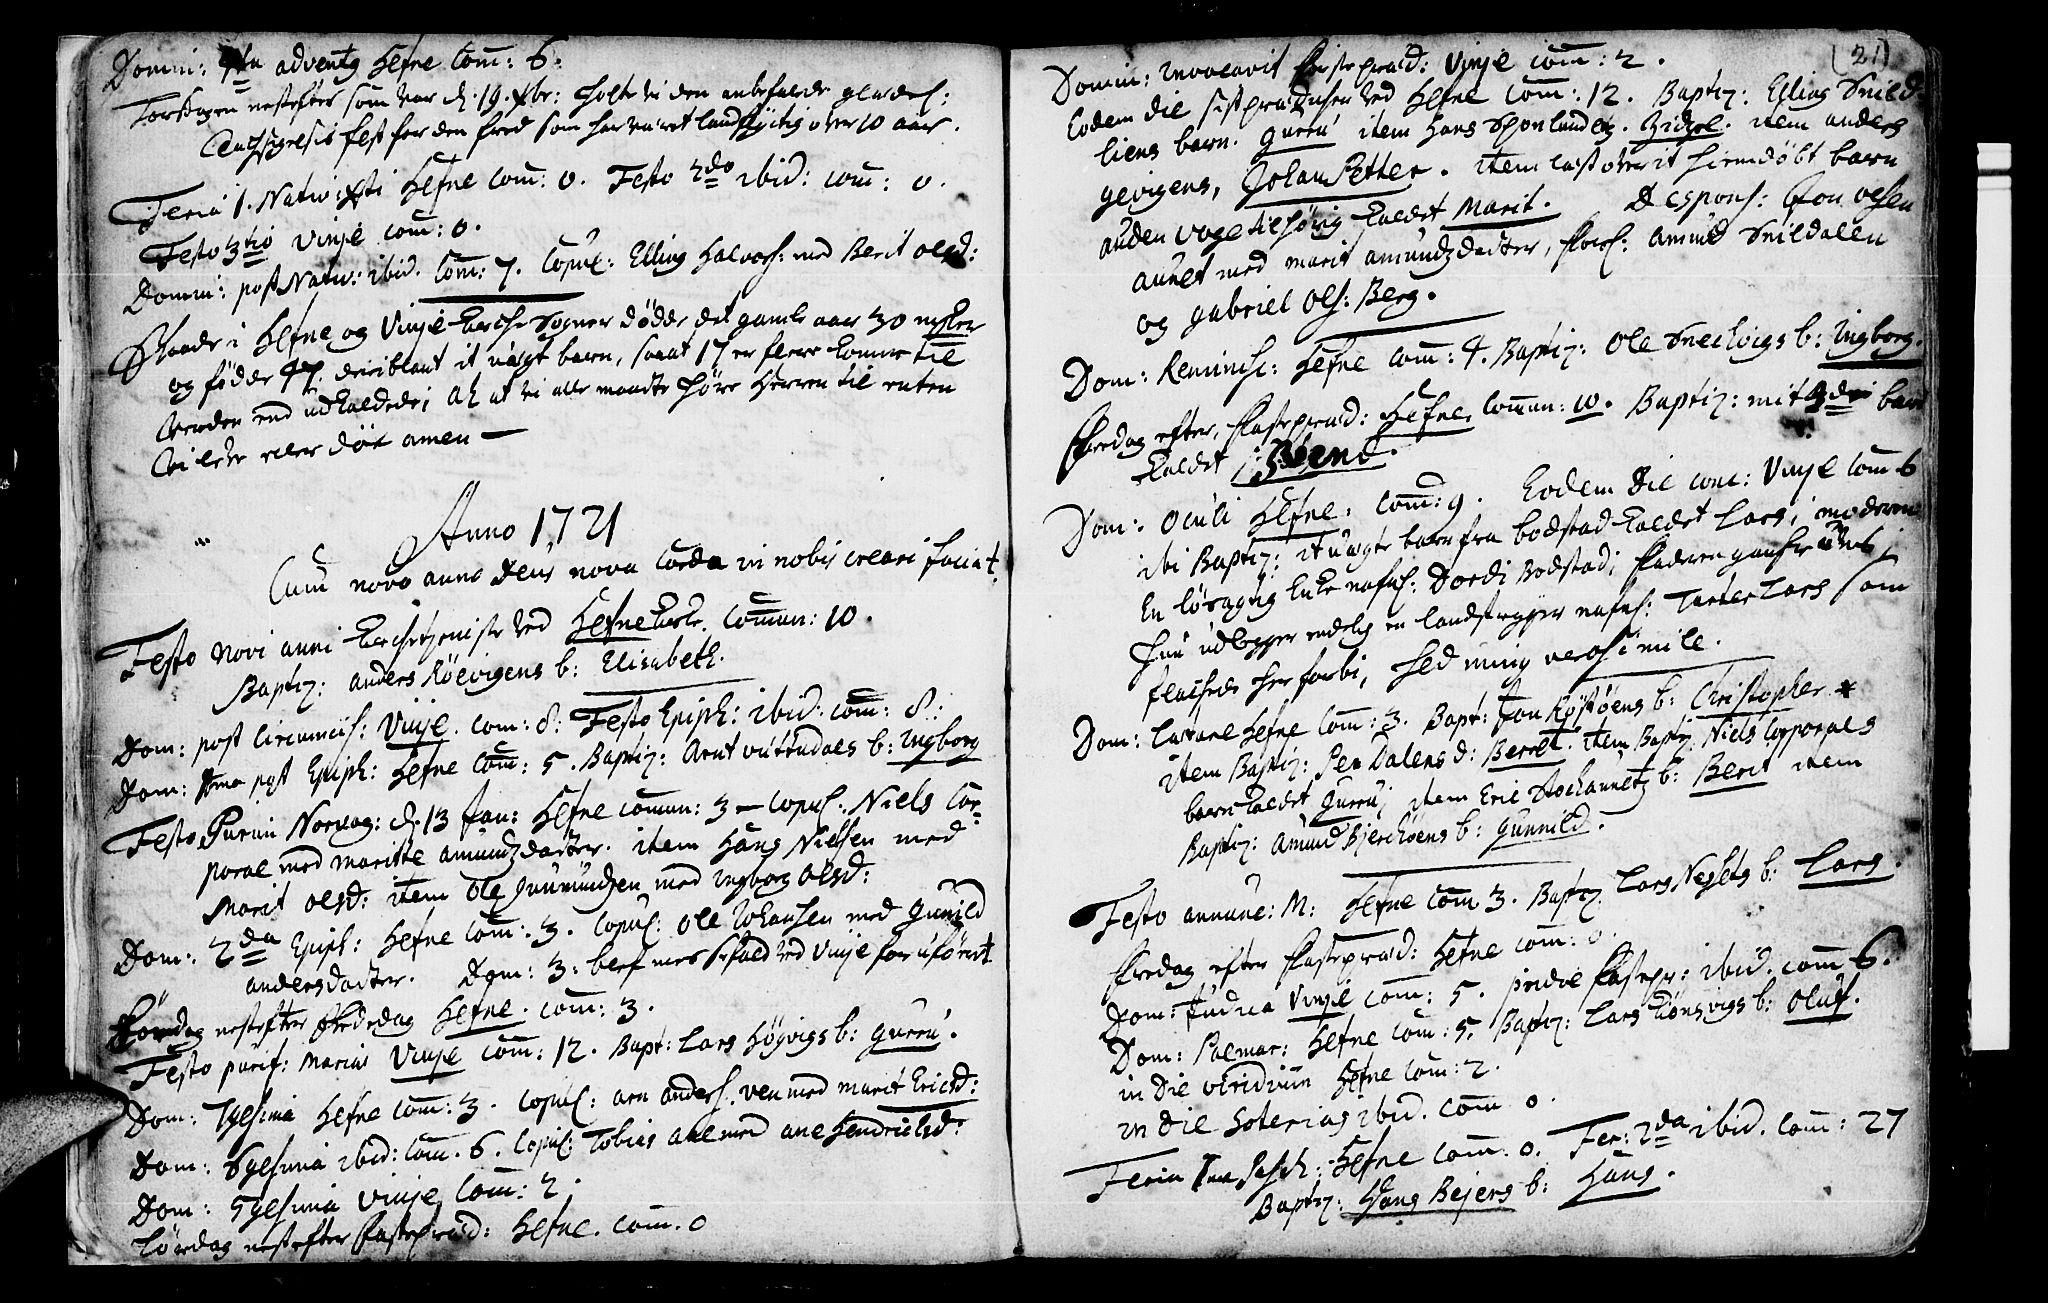 SAT, Ministerialprotokoller, klokkerbøker og fødselsregistre - Sør-Trøndelag, 630/L0488: Ministerialbok nr. 630A01, 1717-1756, s. 20-21